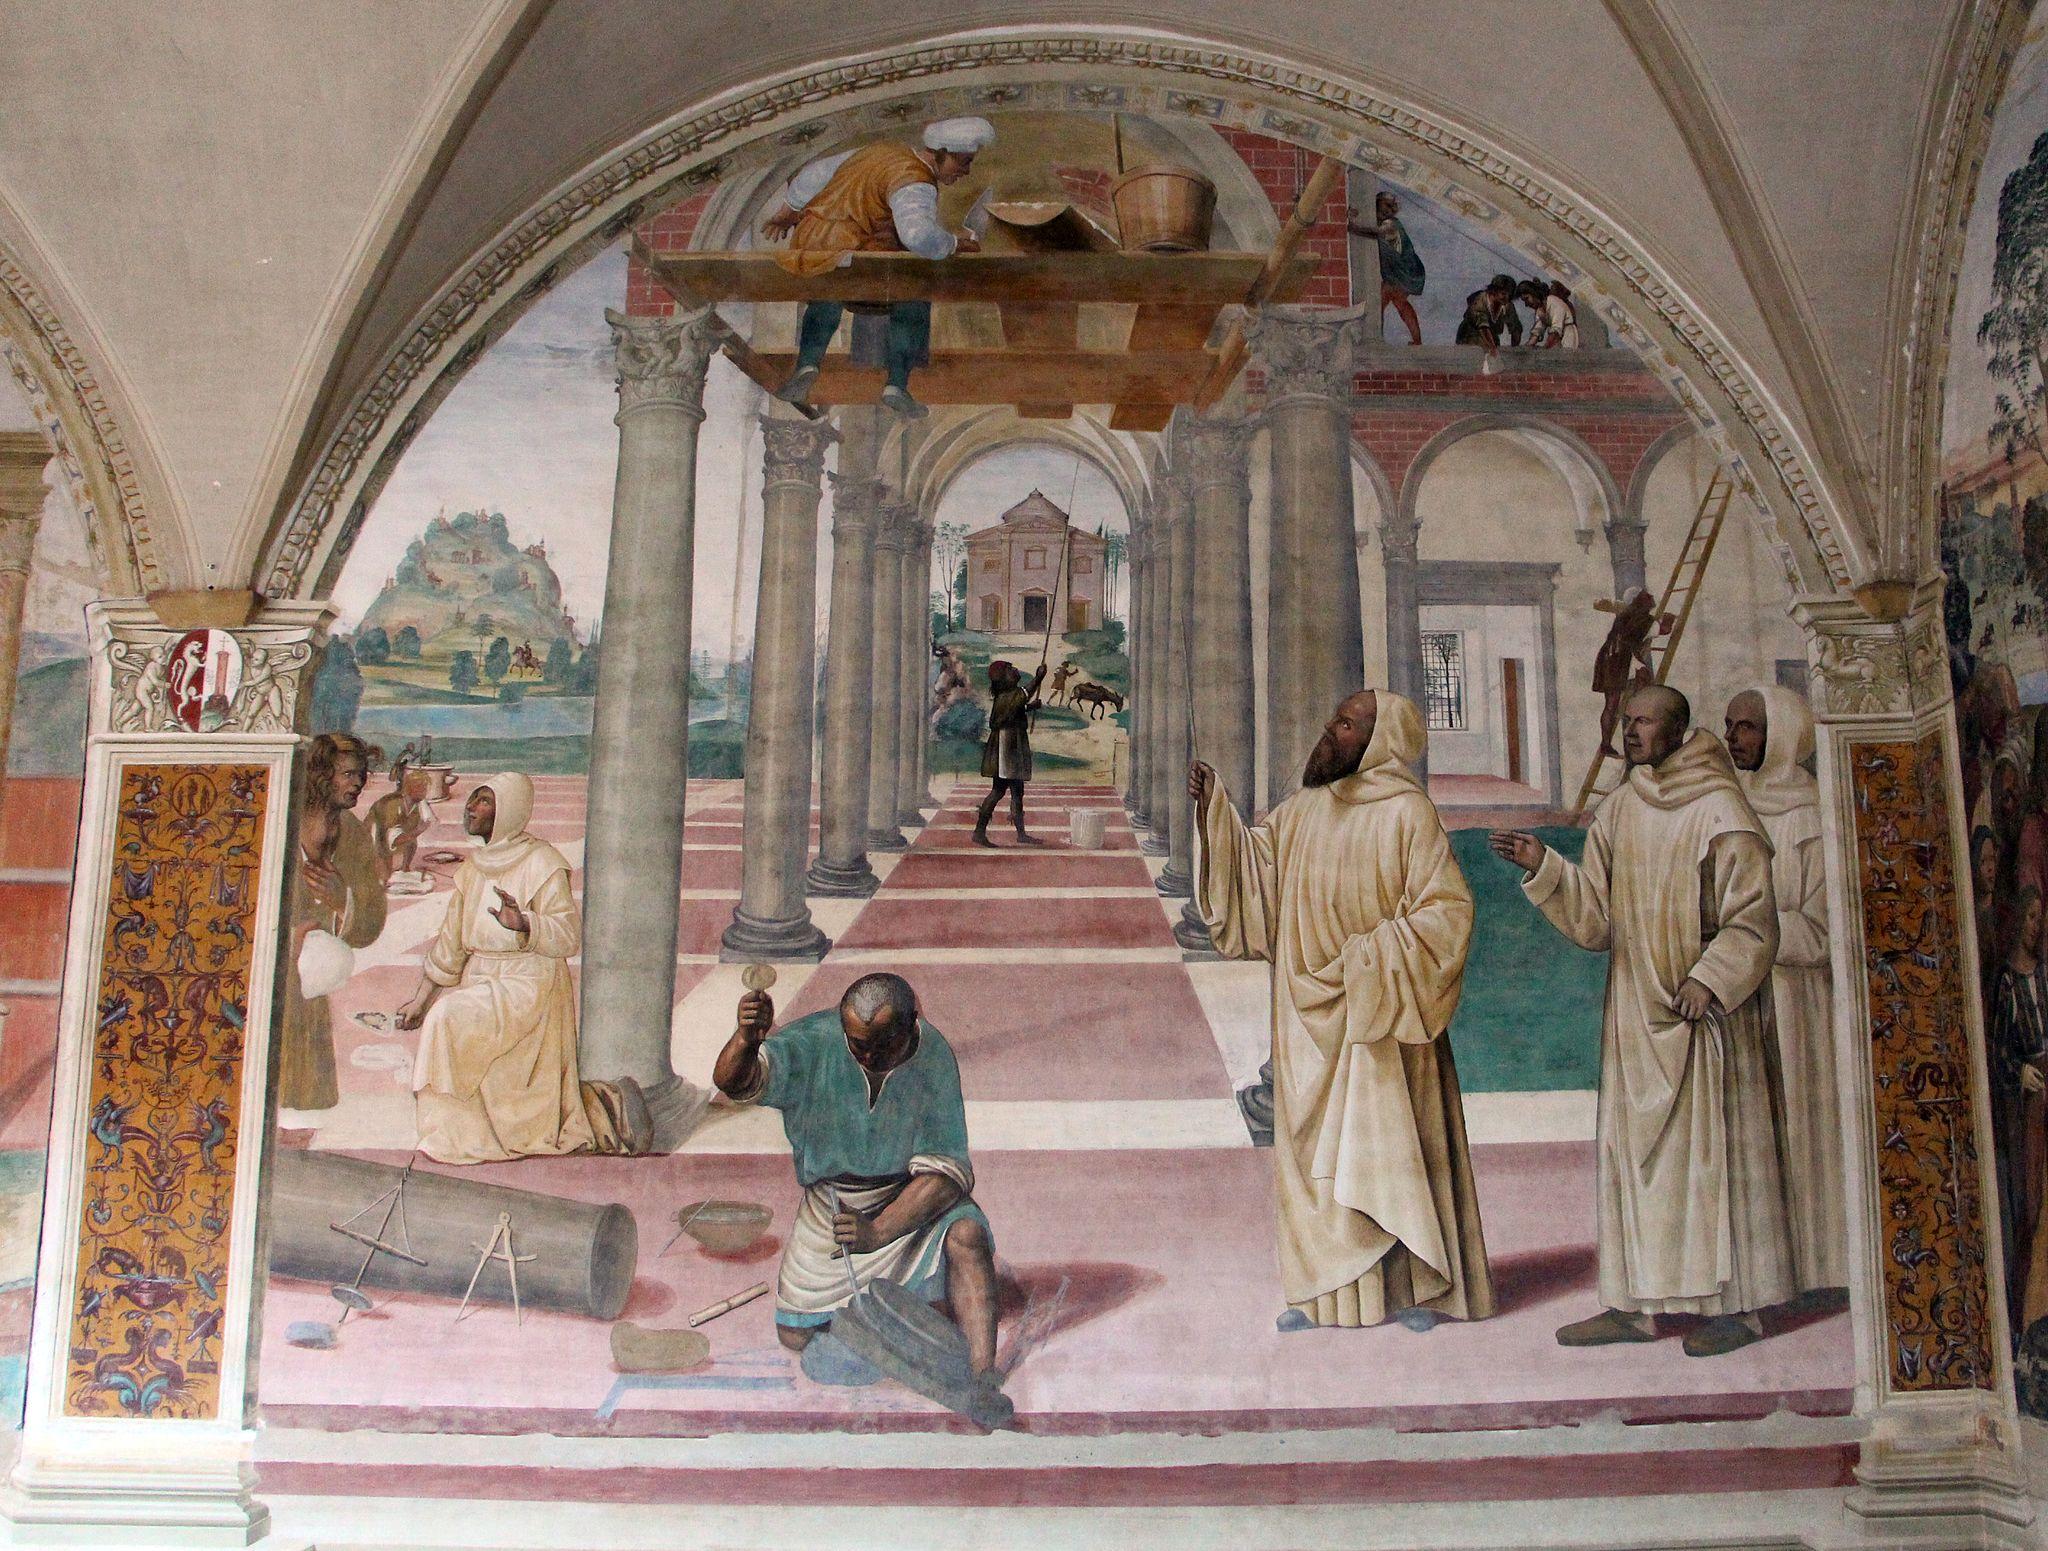 Storie di s. benedetto, 11 sodoma - Come Benedetto compie la edificazione di dodici monasteri 01